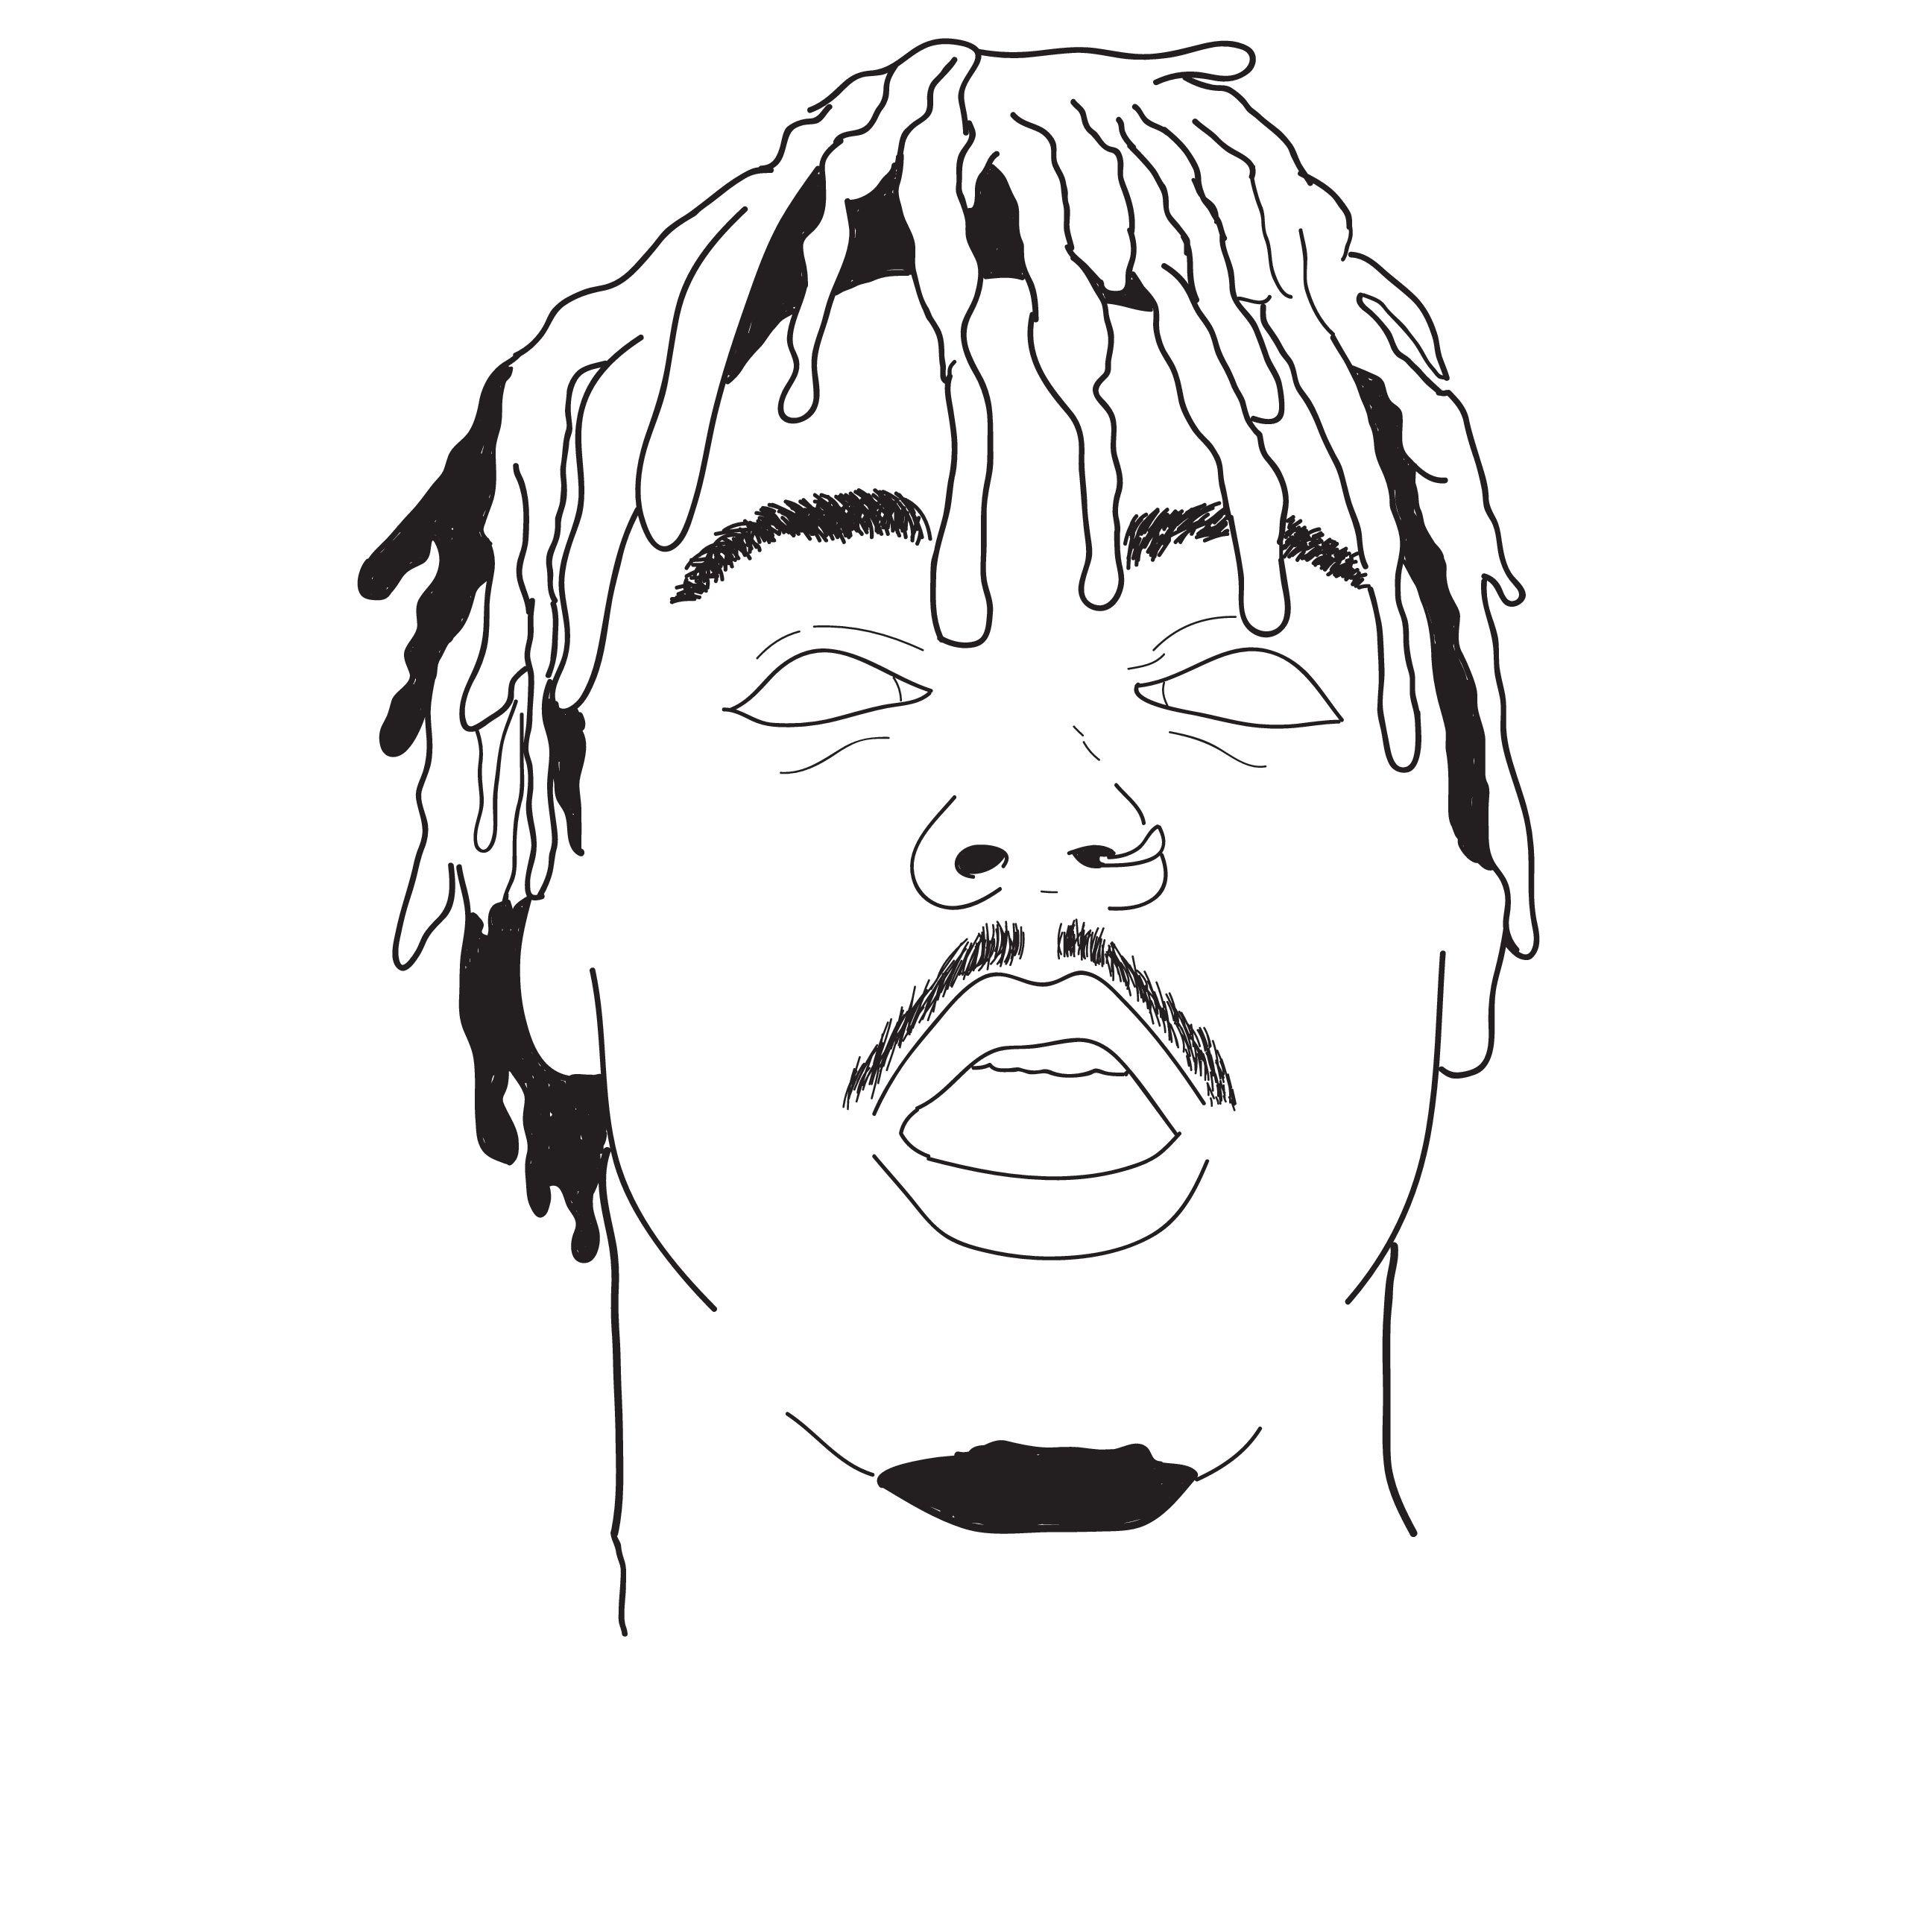 Juice wrld ꒰art꒱˳✧˚˳ in 2019 art rapper art drawings